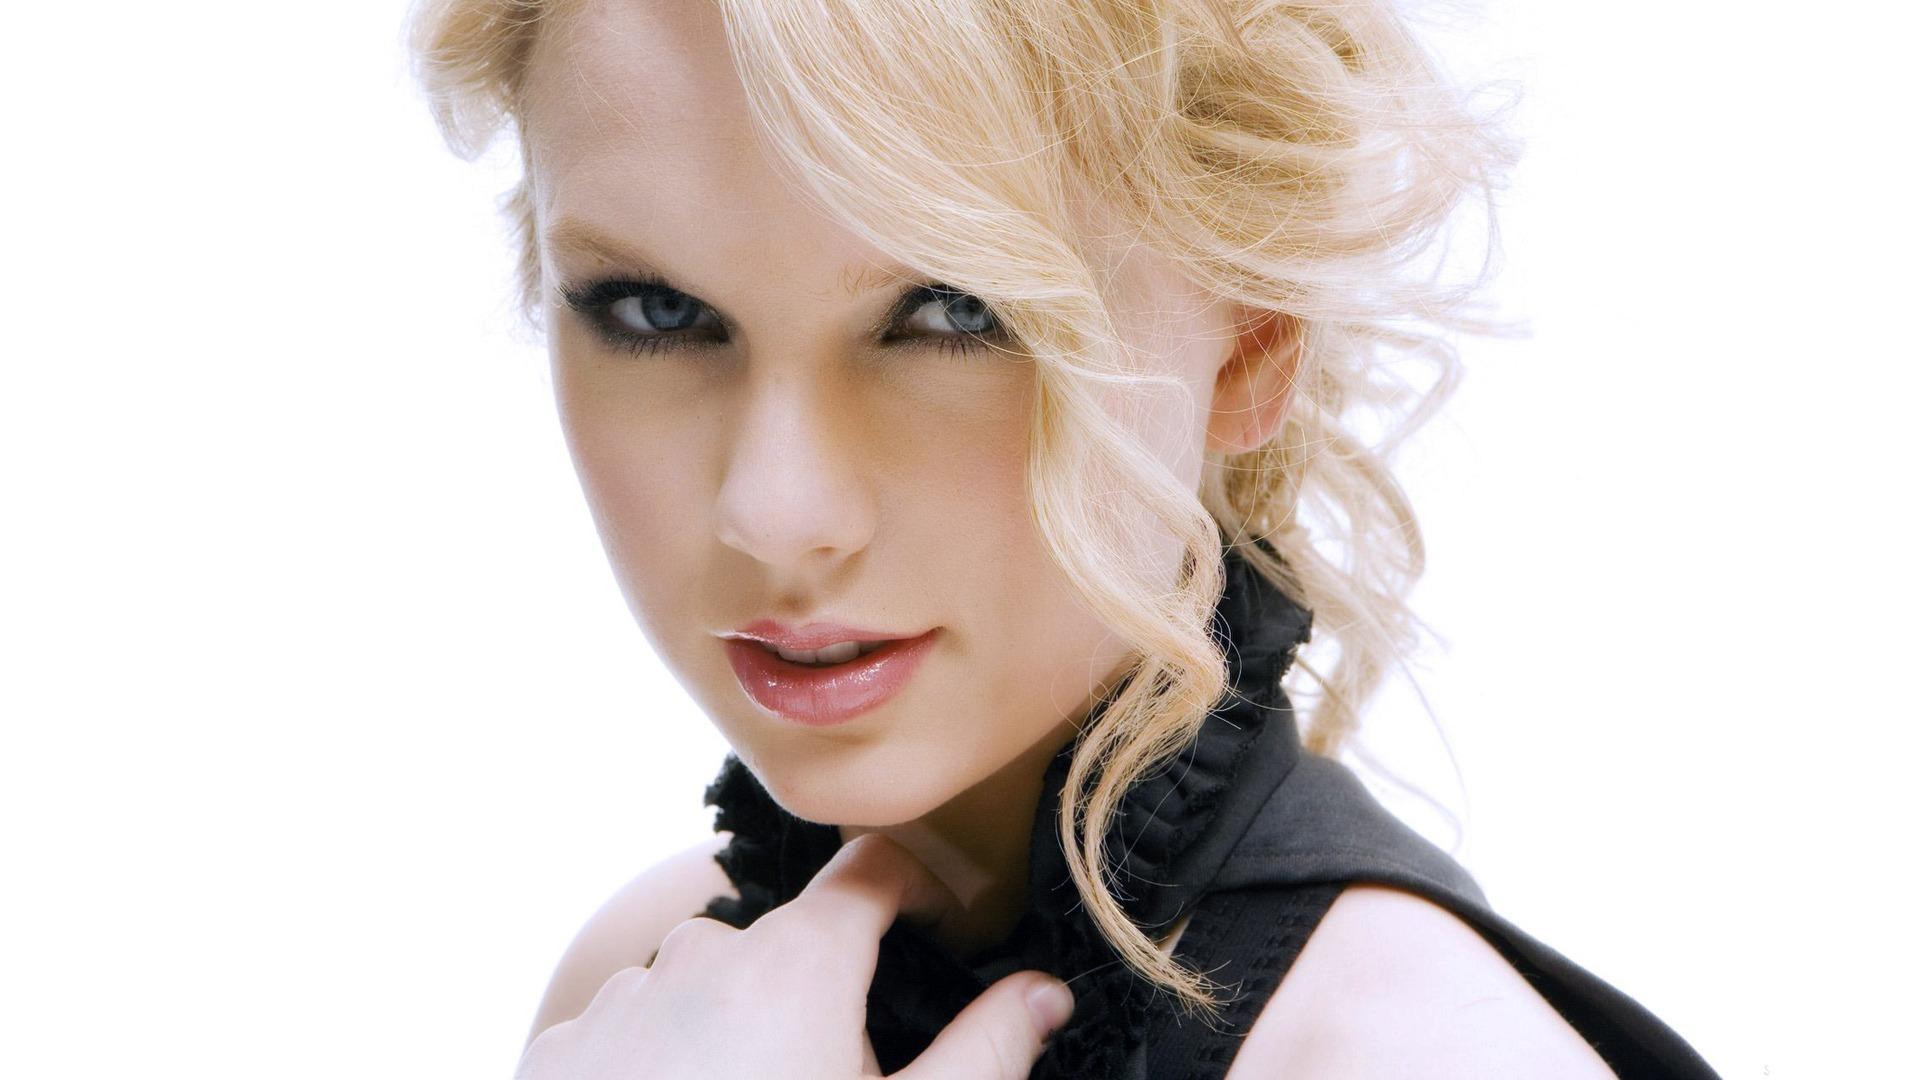 Taylor Swift HD   Taylor Swift Wallpaper 25909928 1920x1080